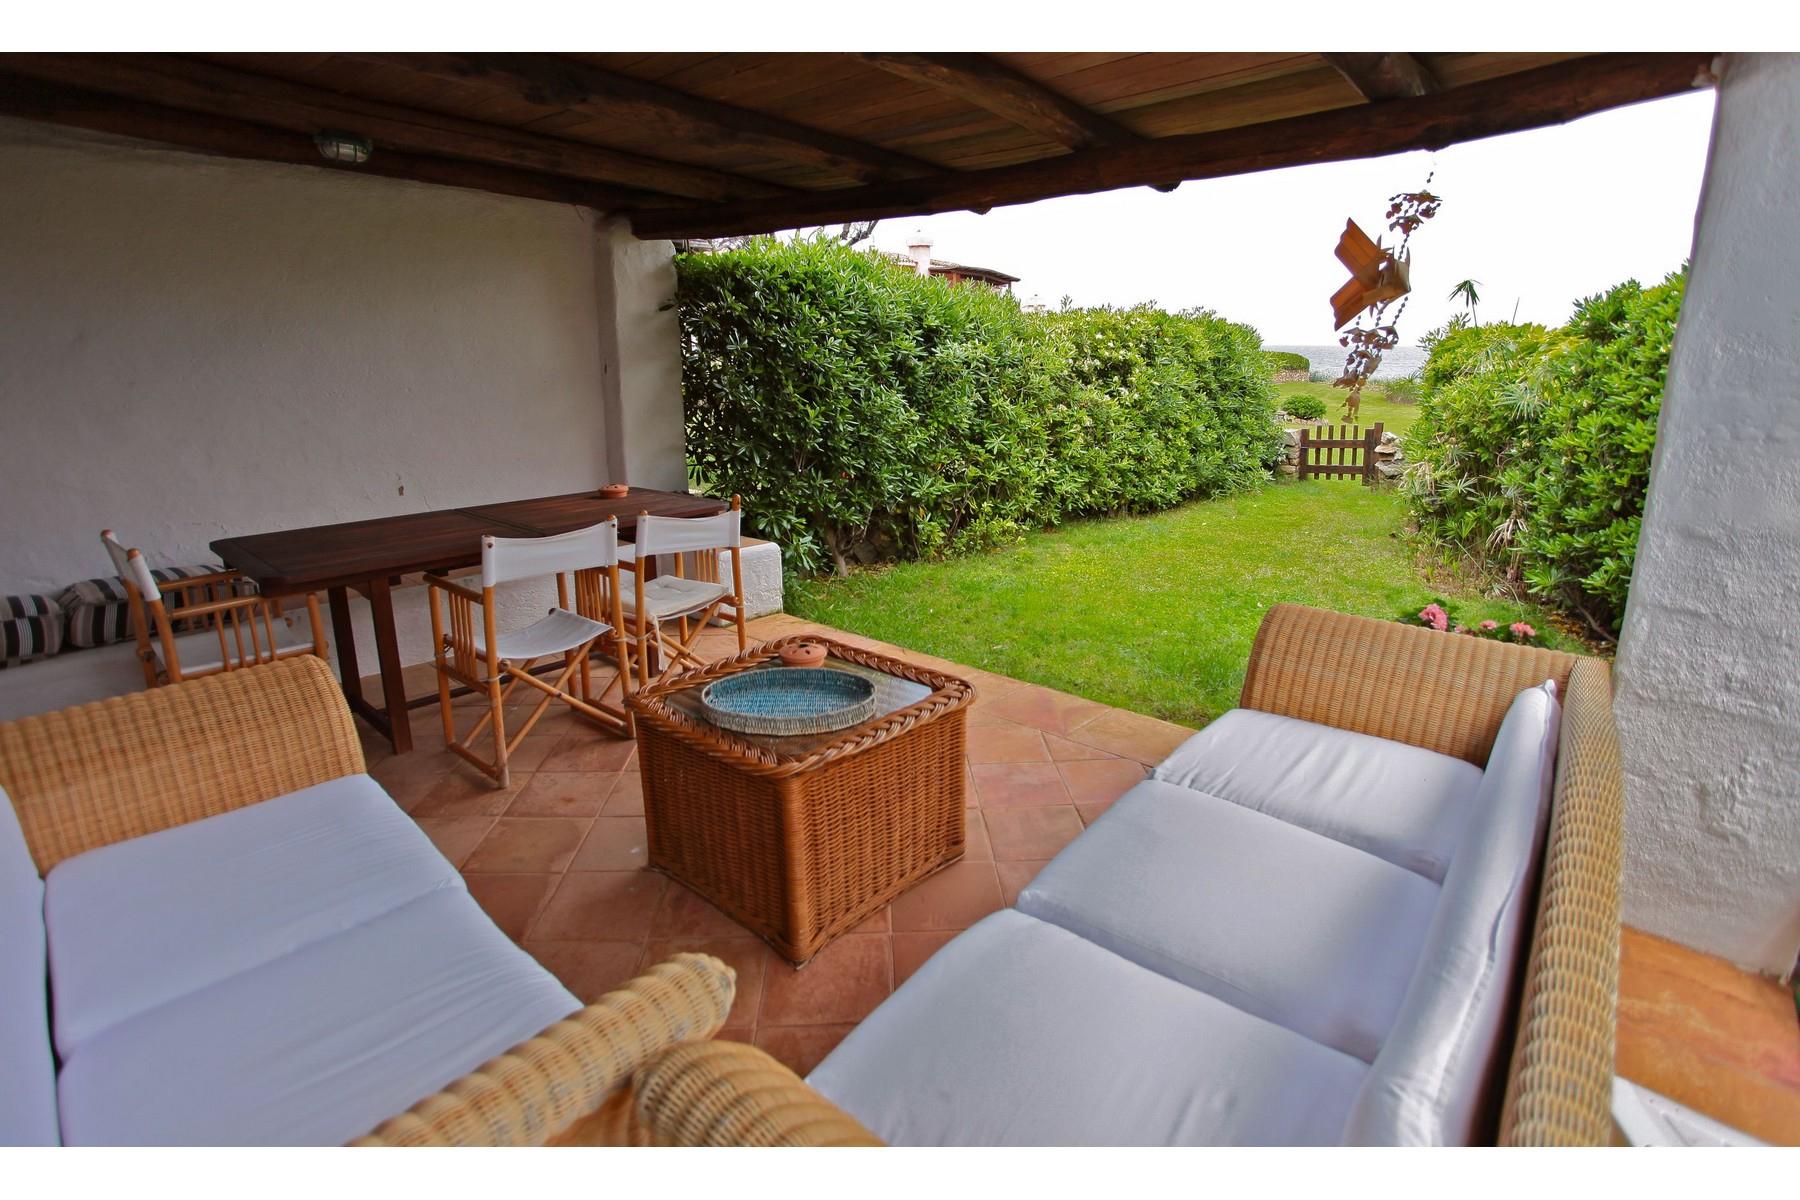 Casa indipendente in Vendita a Arzachena: 5 locali, 117 mq - Foto 2